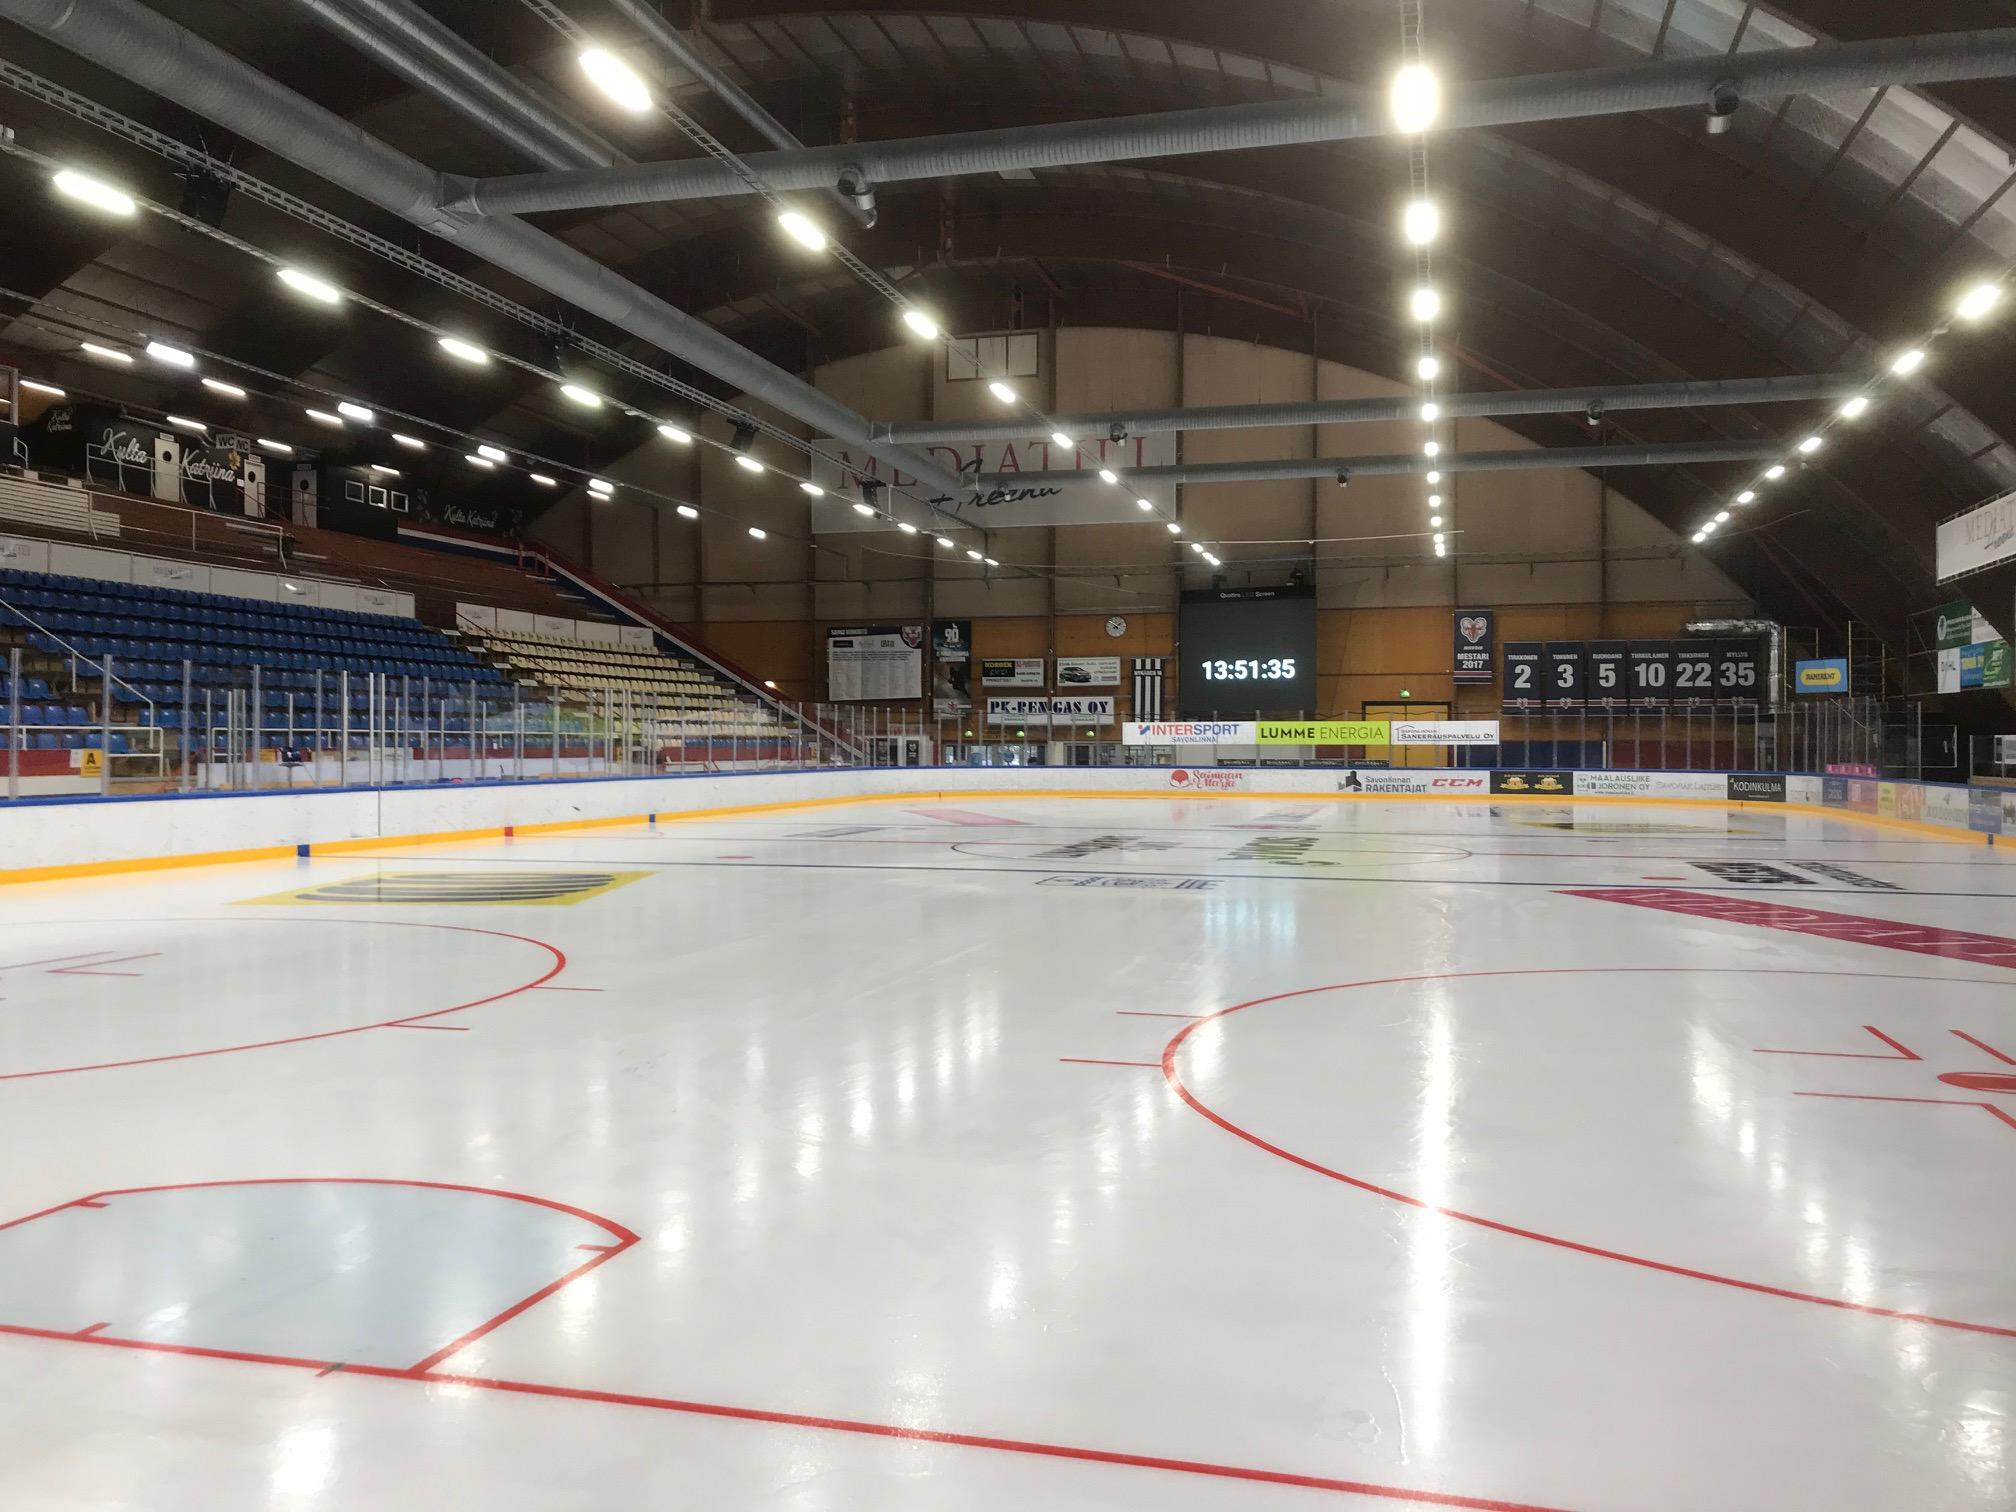 Savonlinnan jäähalli 1